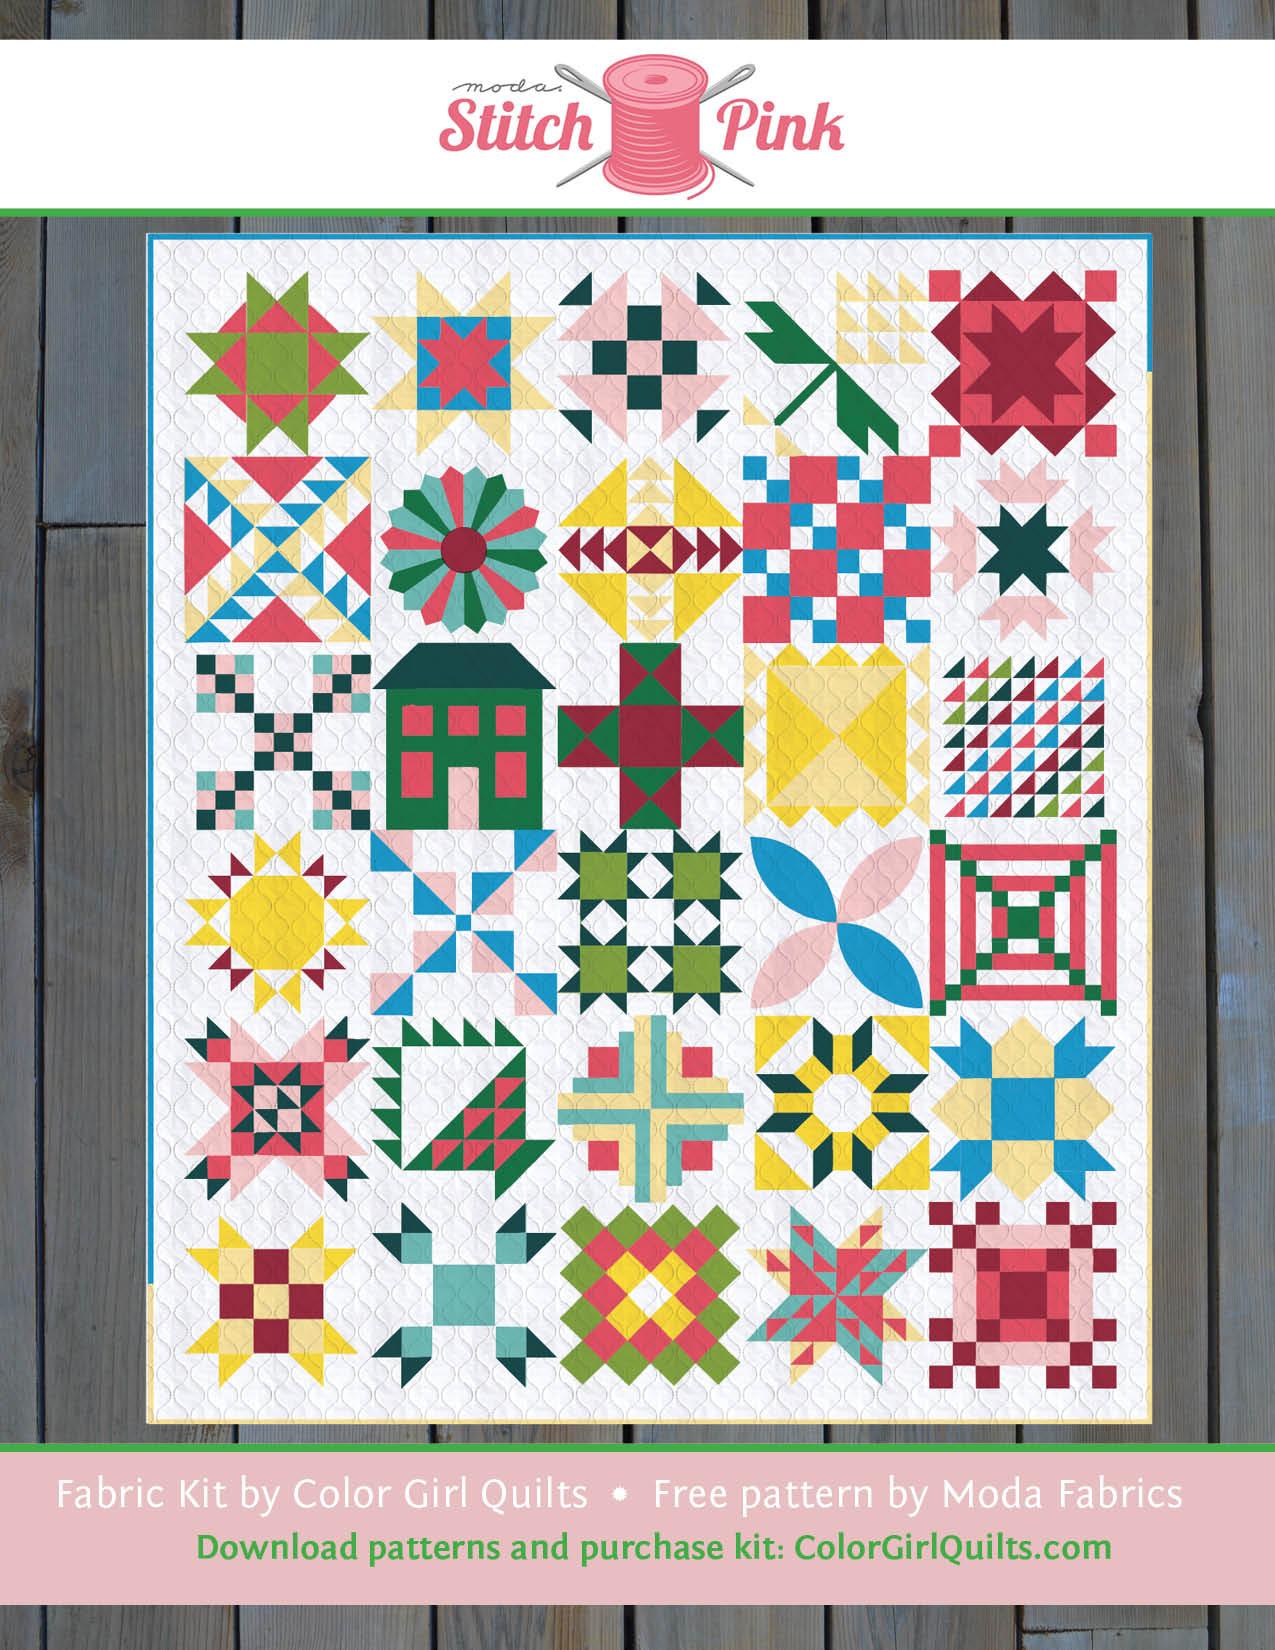 Stitch Sampler Quilt Kit